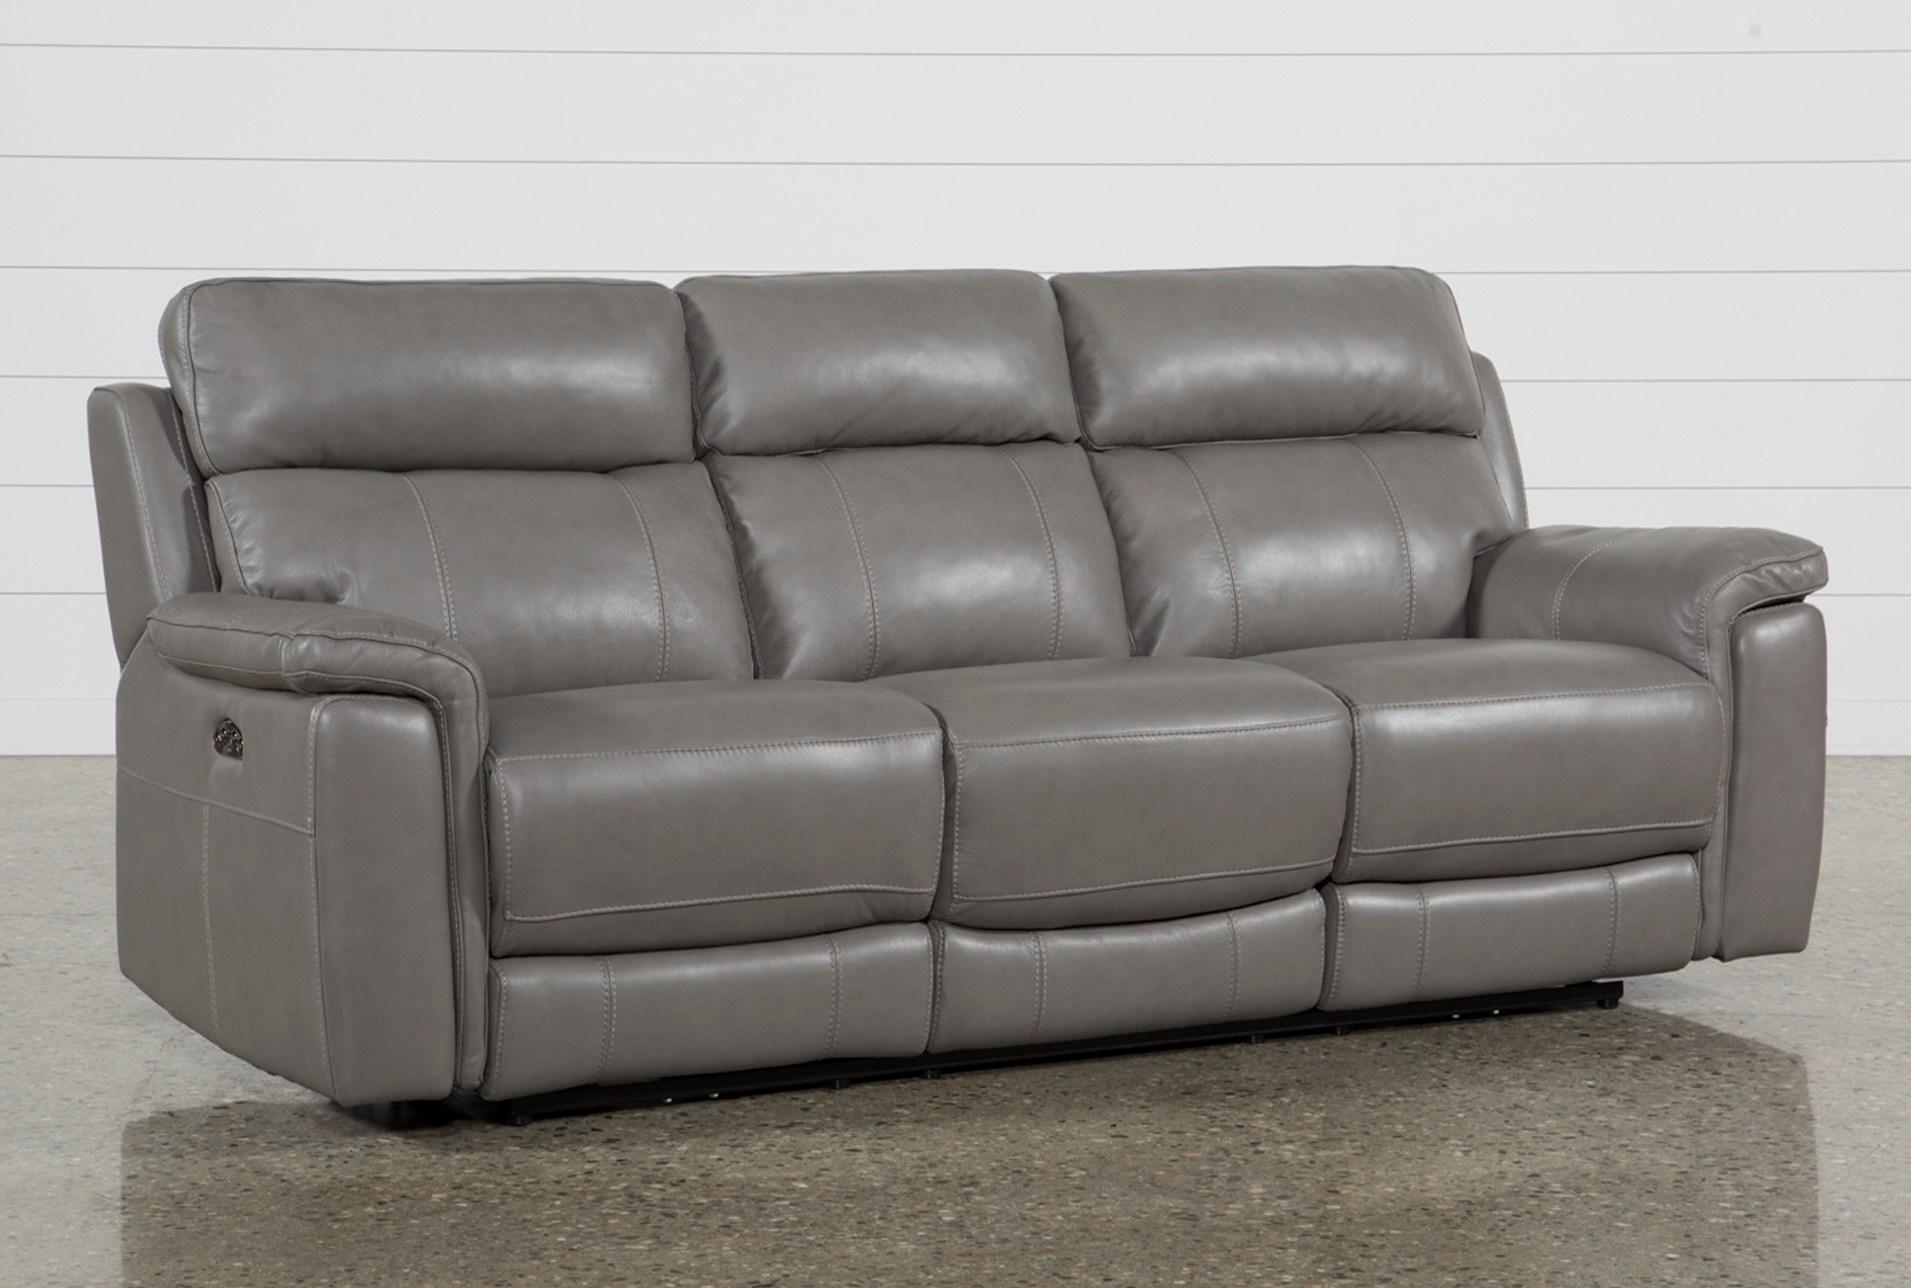 Dino Leather Power Reclining Sofa W Power Headrest Living Spaces ~ Red Leather Power Reclining Sofa